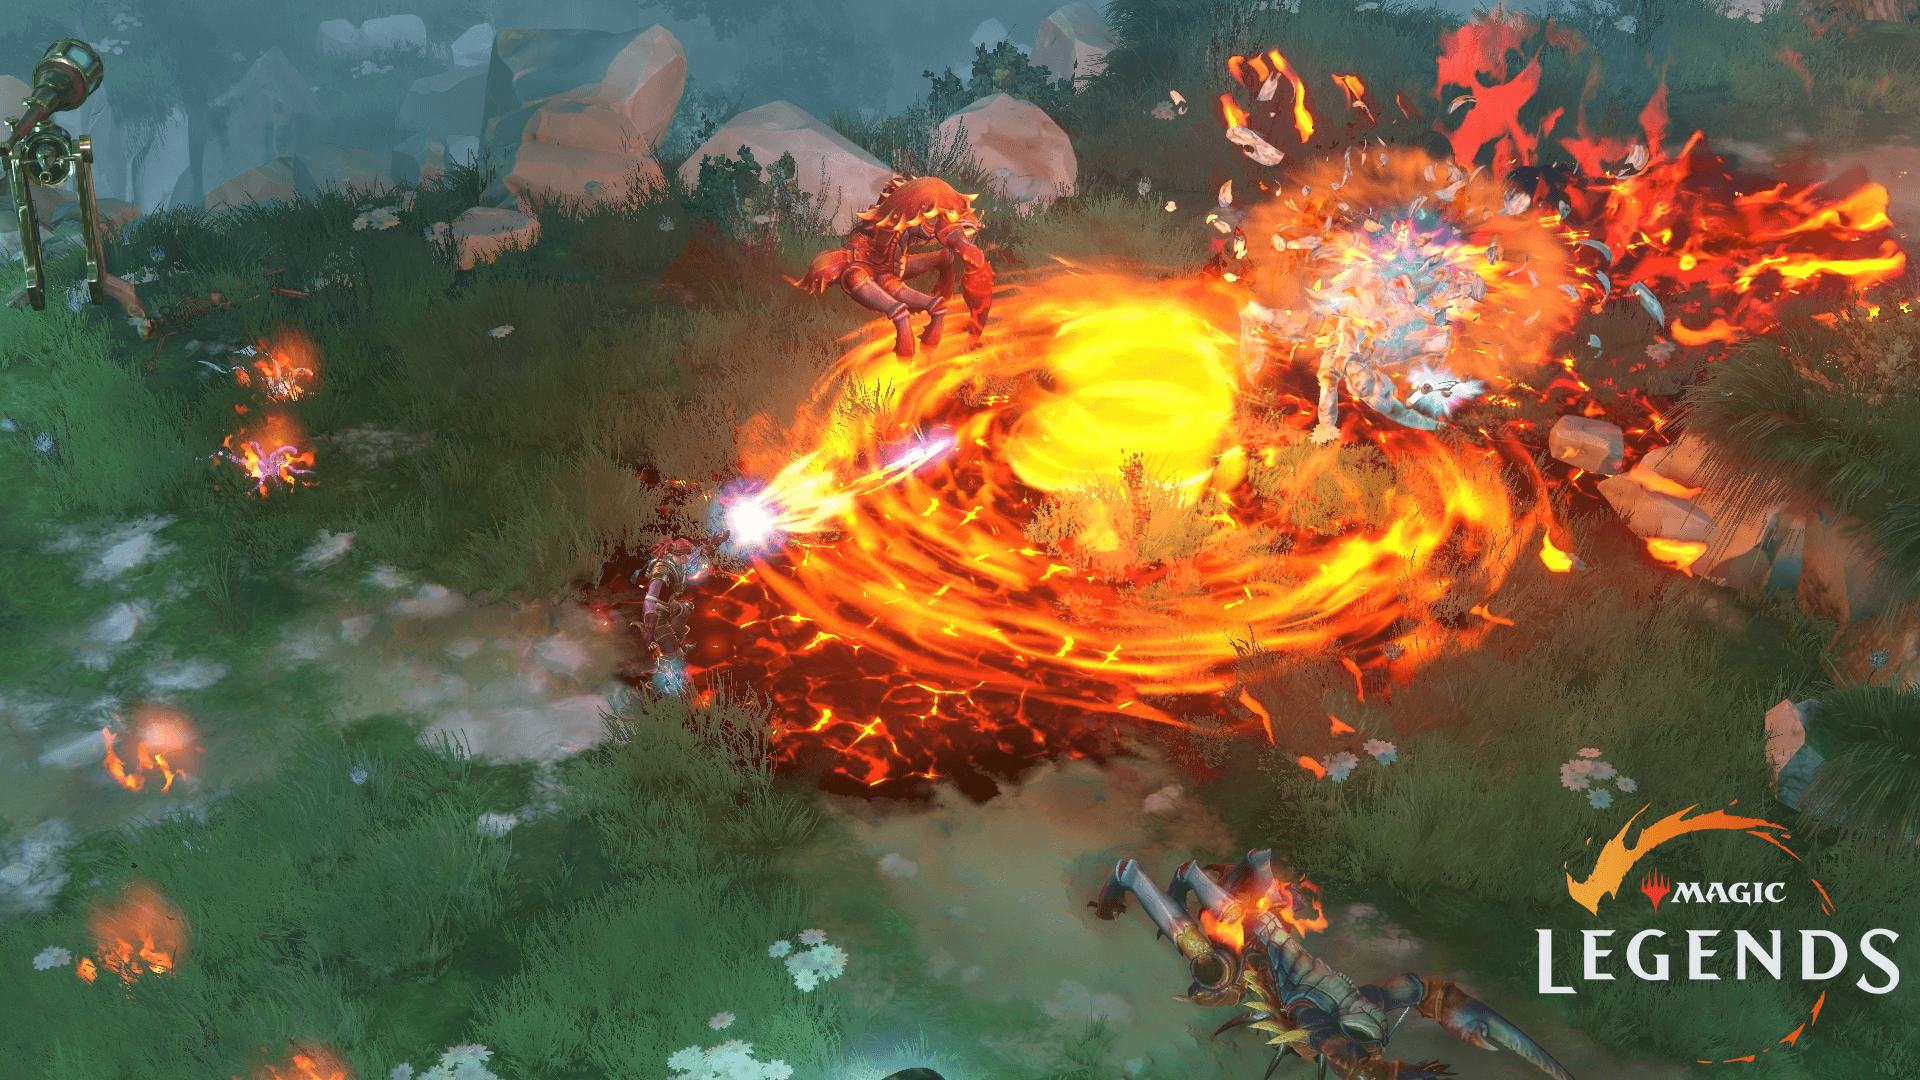 MagicLegends_Pyromancer_Screenshot_02